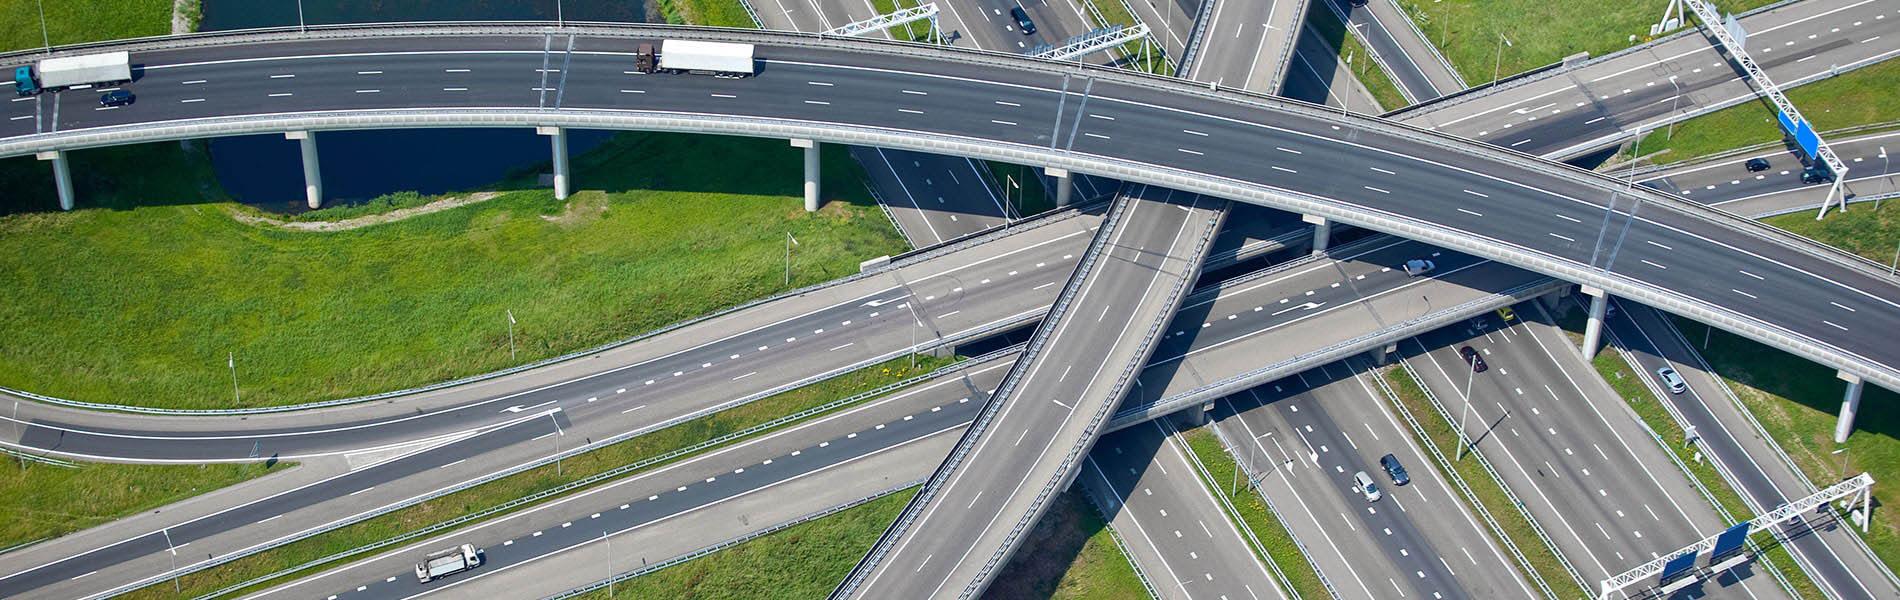 Wegenbouw uitbreiding wegennet Keller Grondzaken B.V.